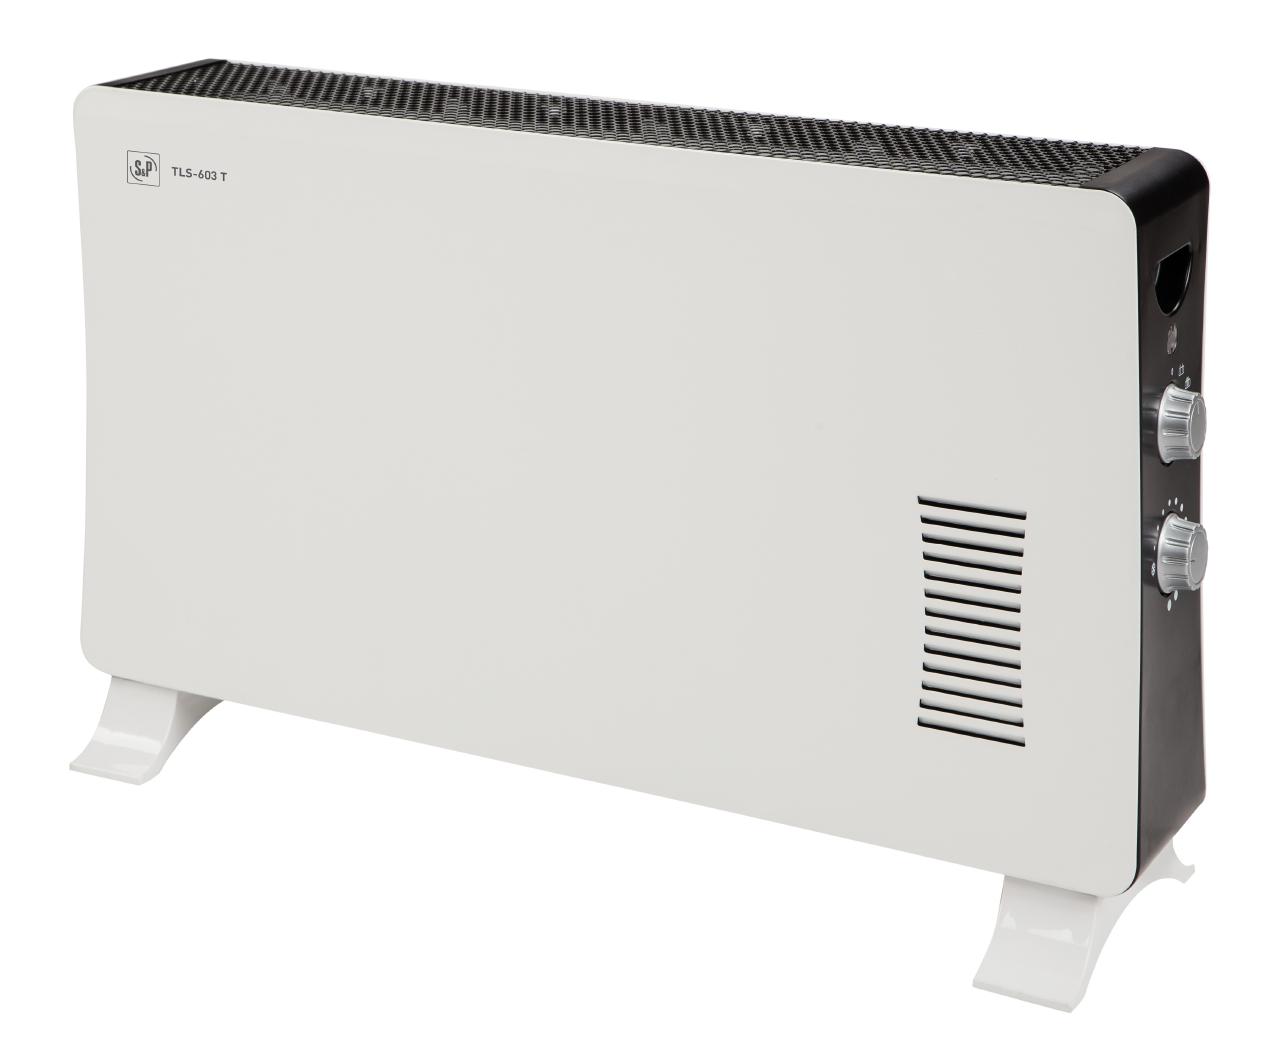 convecteur mobile avec ventilateur unelvent tls 603 t av. Black Bedroom Furniture Sets. Home Design Ideas